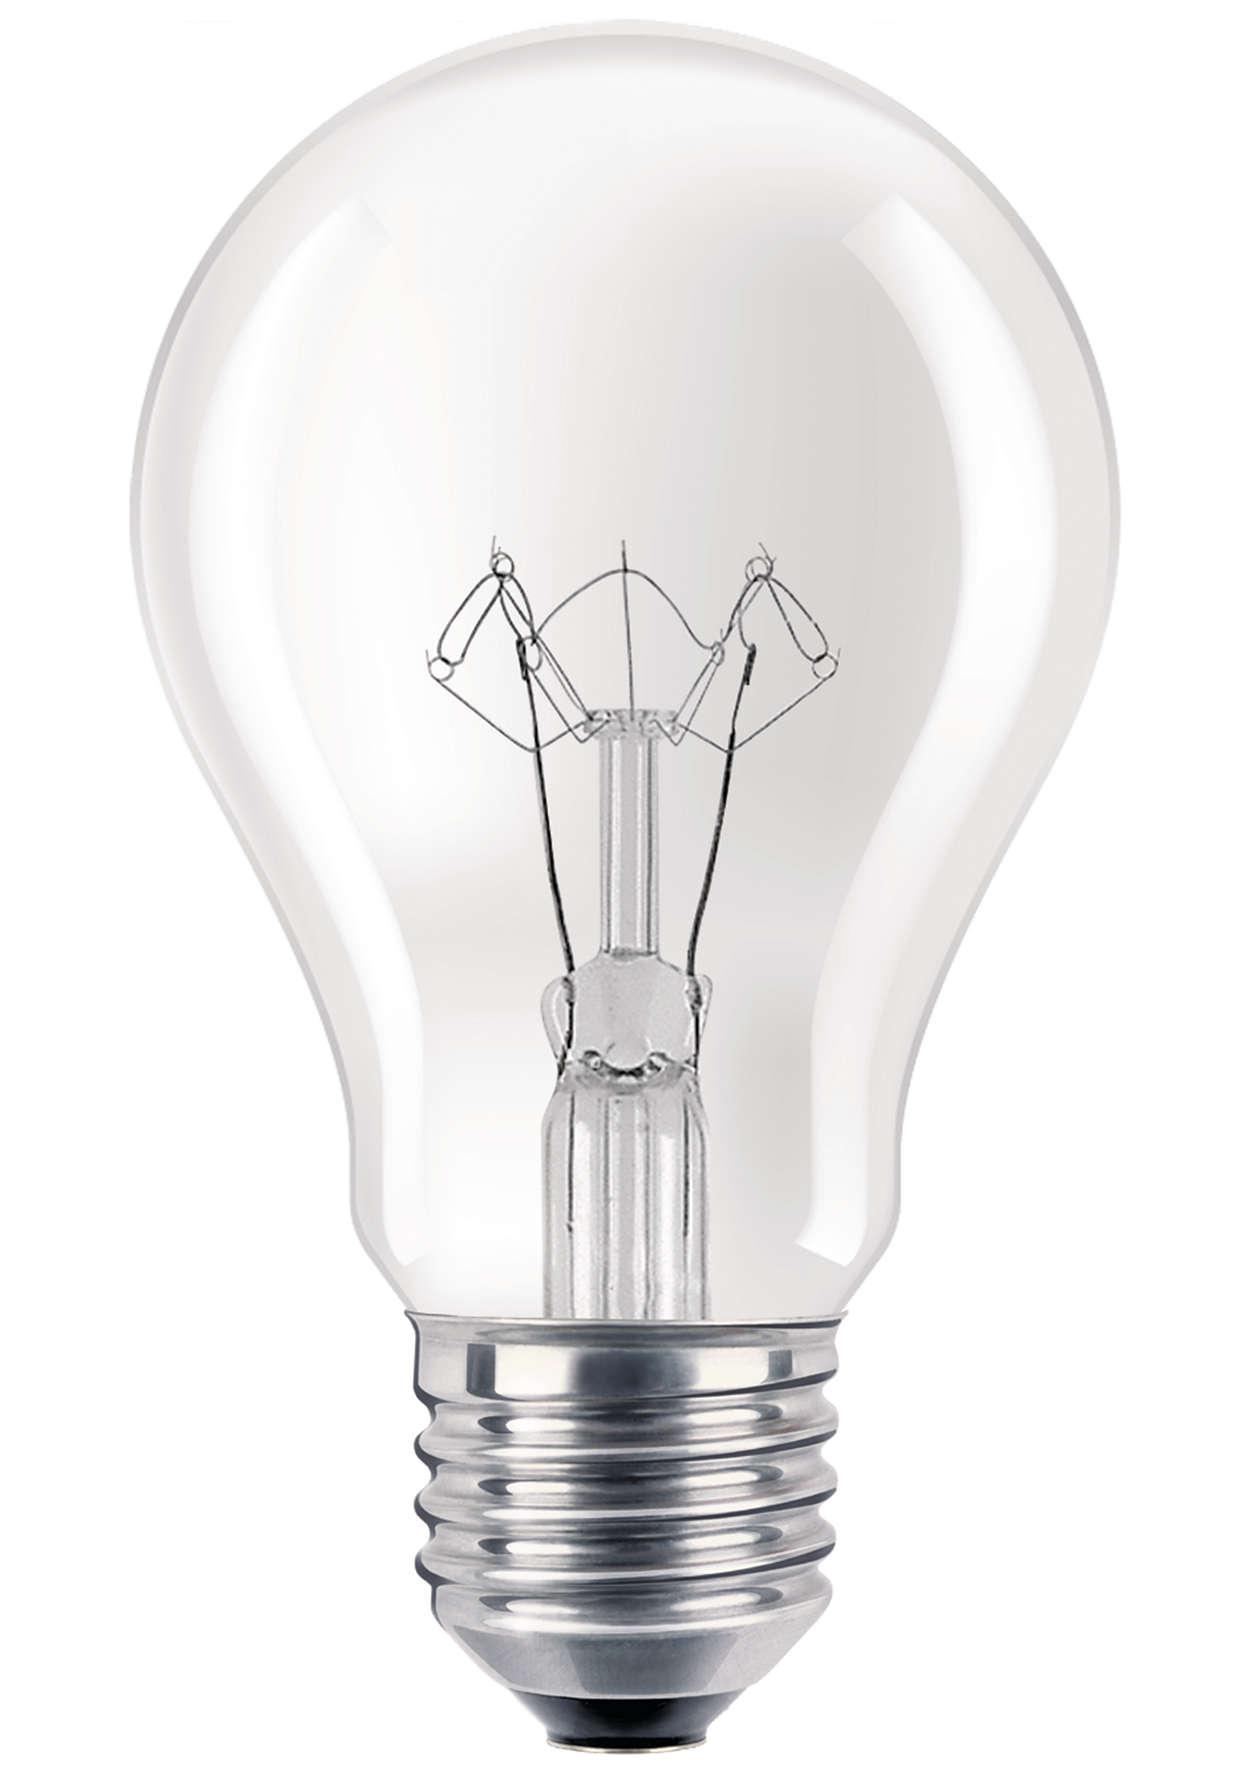 Lâmpada incandescente reforçada para aplicações de uso intensivo